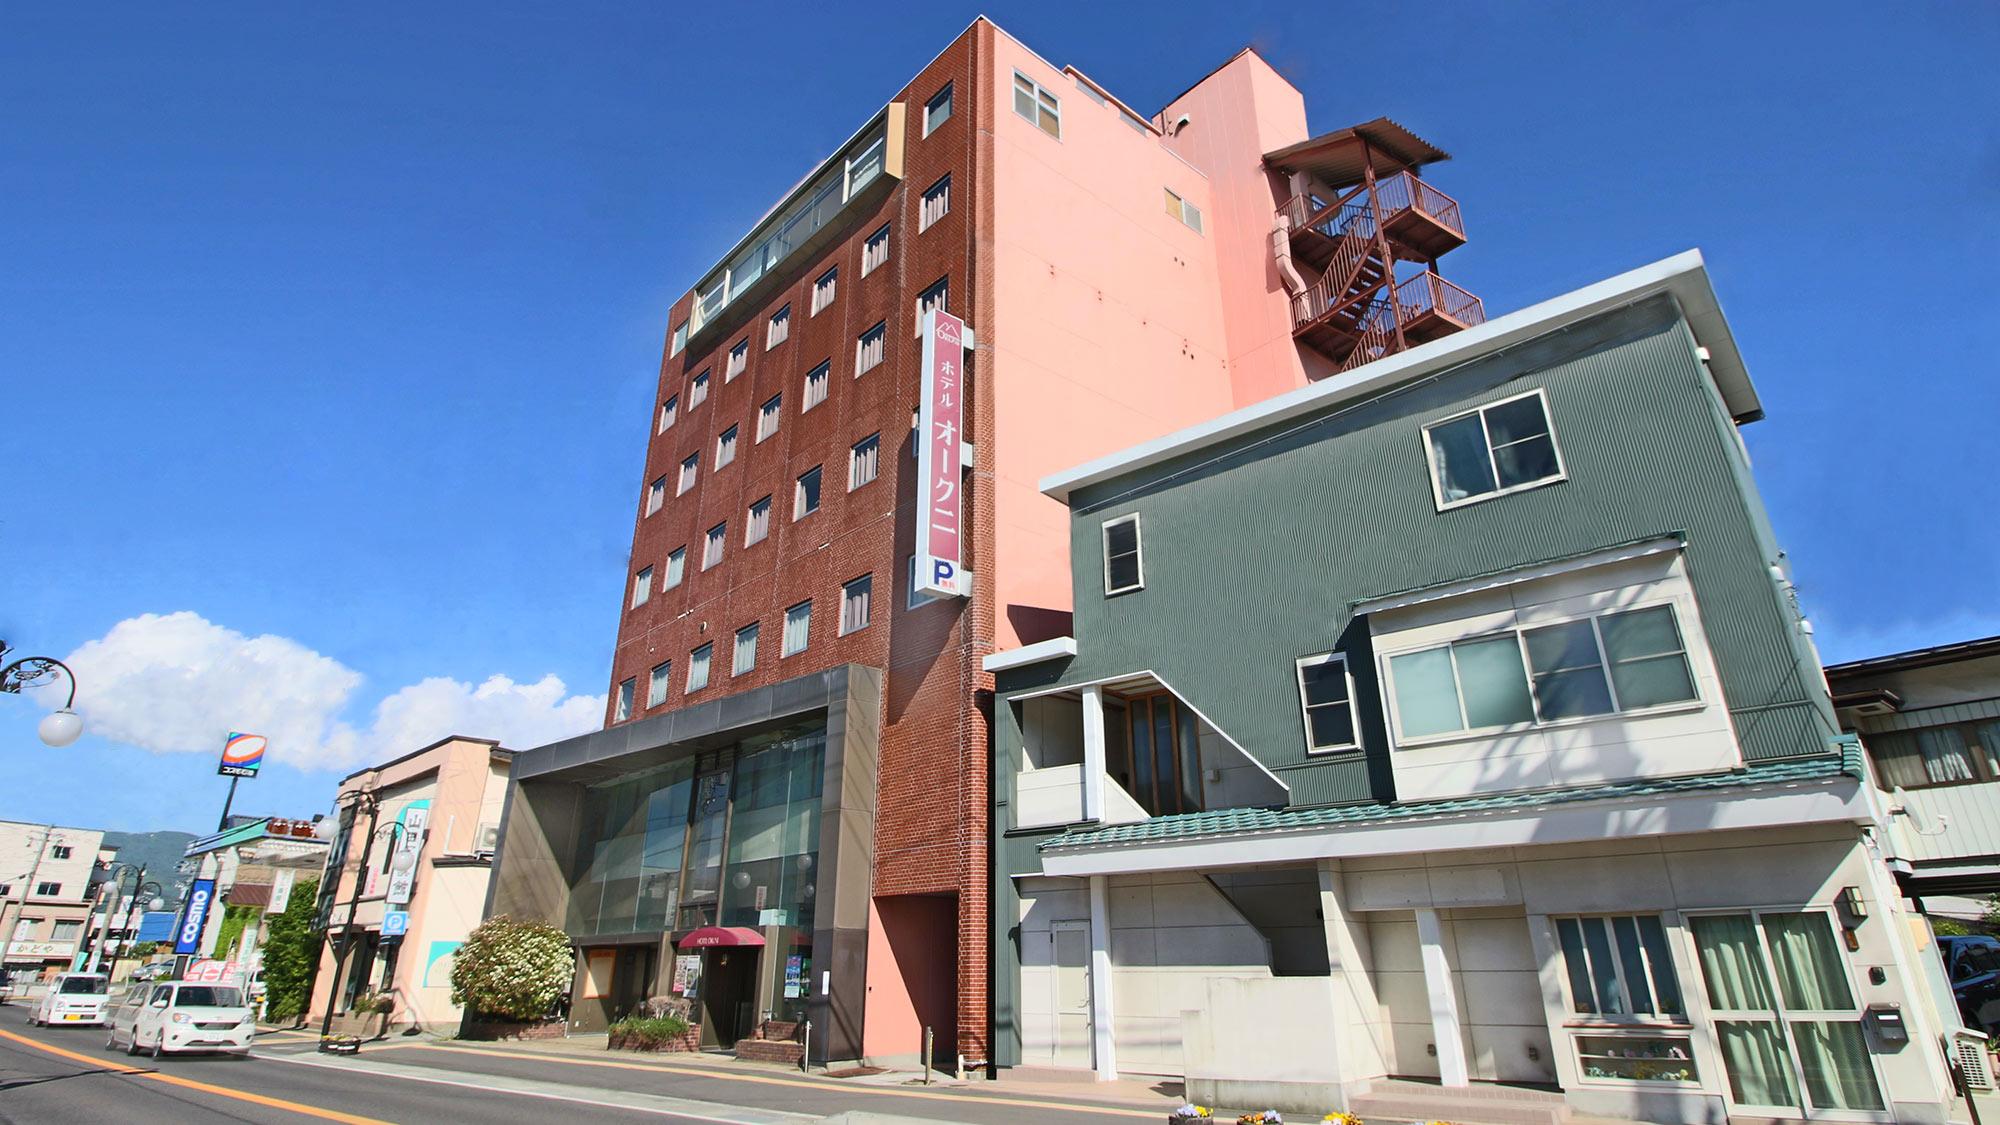 ホテルオークニ(ロイヤルイングループ)の施設画像